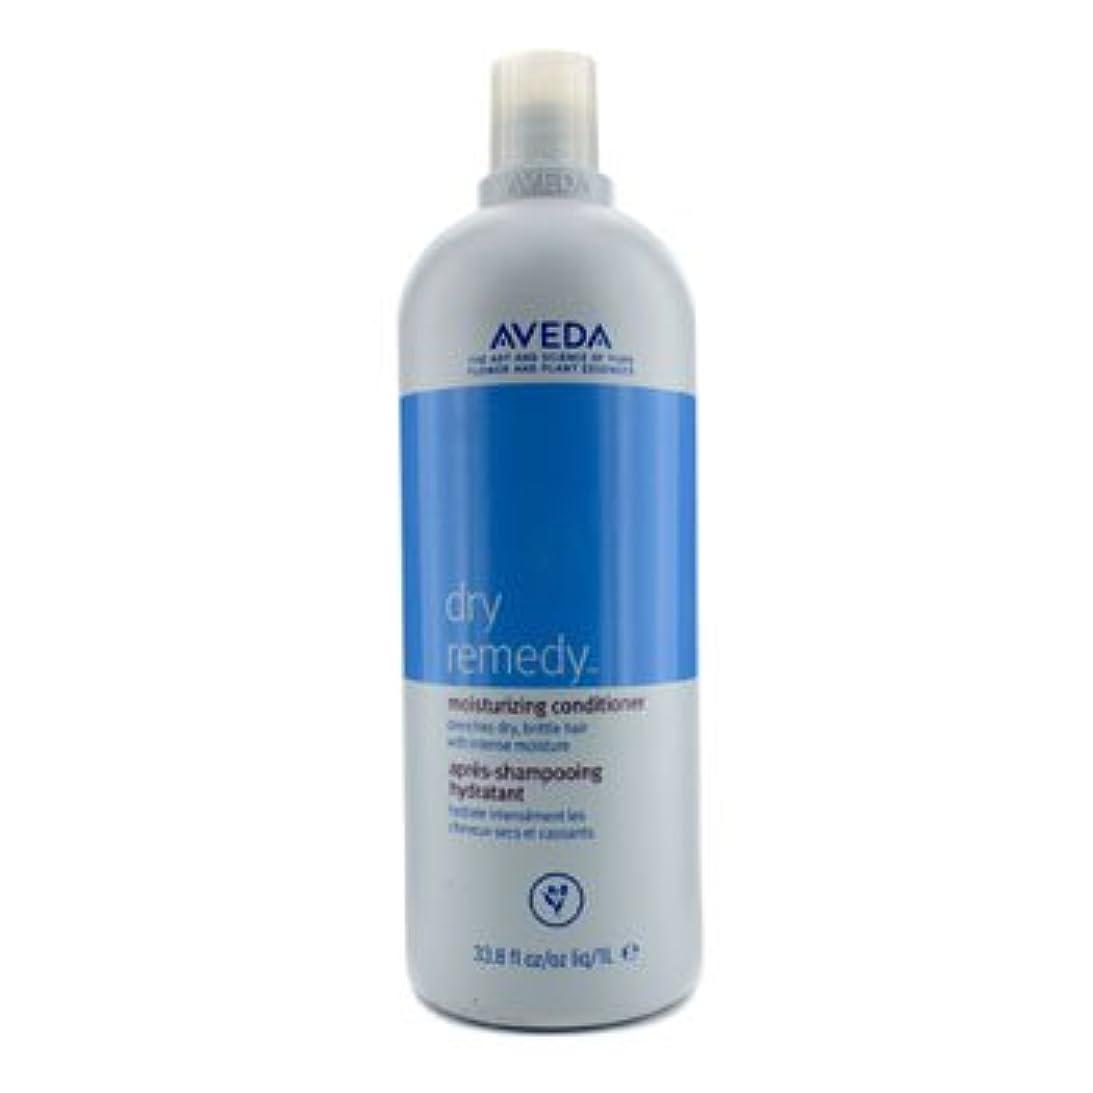 空気アカデミー用心深い[Aveda] Dry Remedy Moisturizing Conditioner - For Drenches Dry Brittle Hair (New Packaging) 1000ml/33.8oz